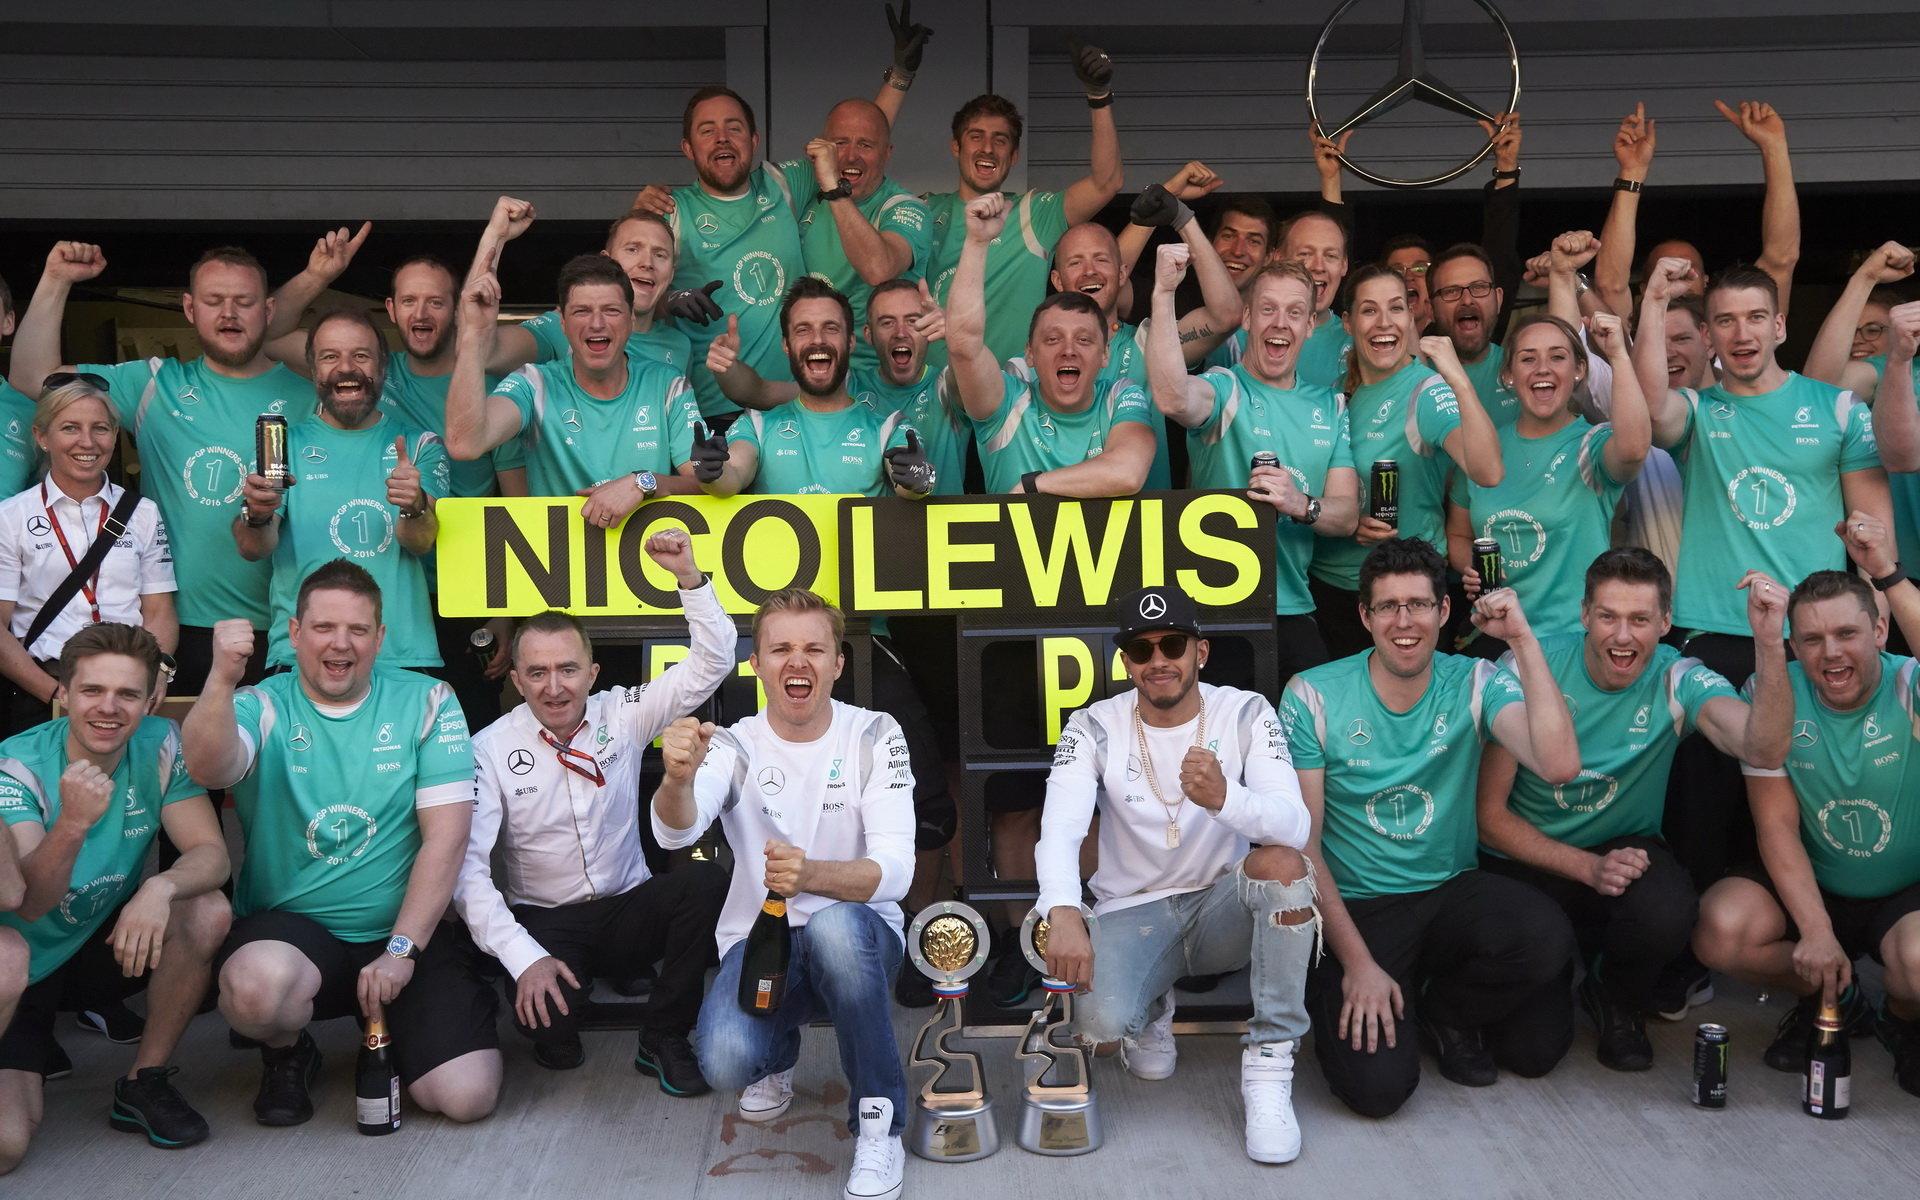 Otevřený dopis Mercedesu fanouškům: Jak vážné byly problémy Nica a Lewise? - anotační foto